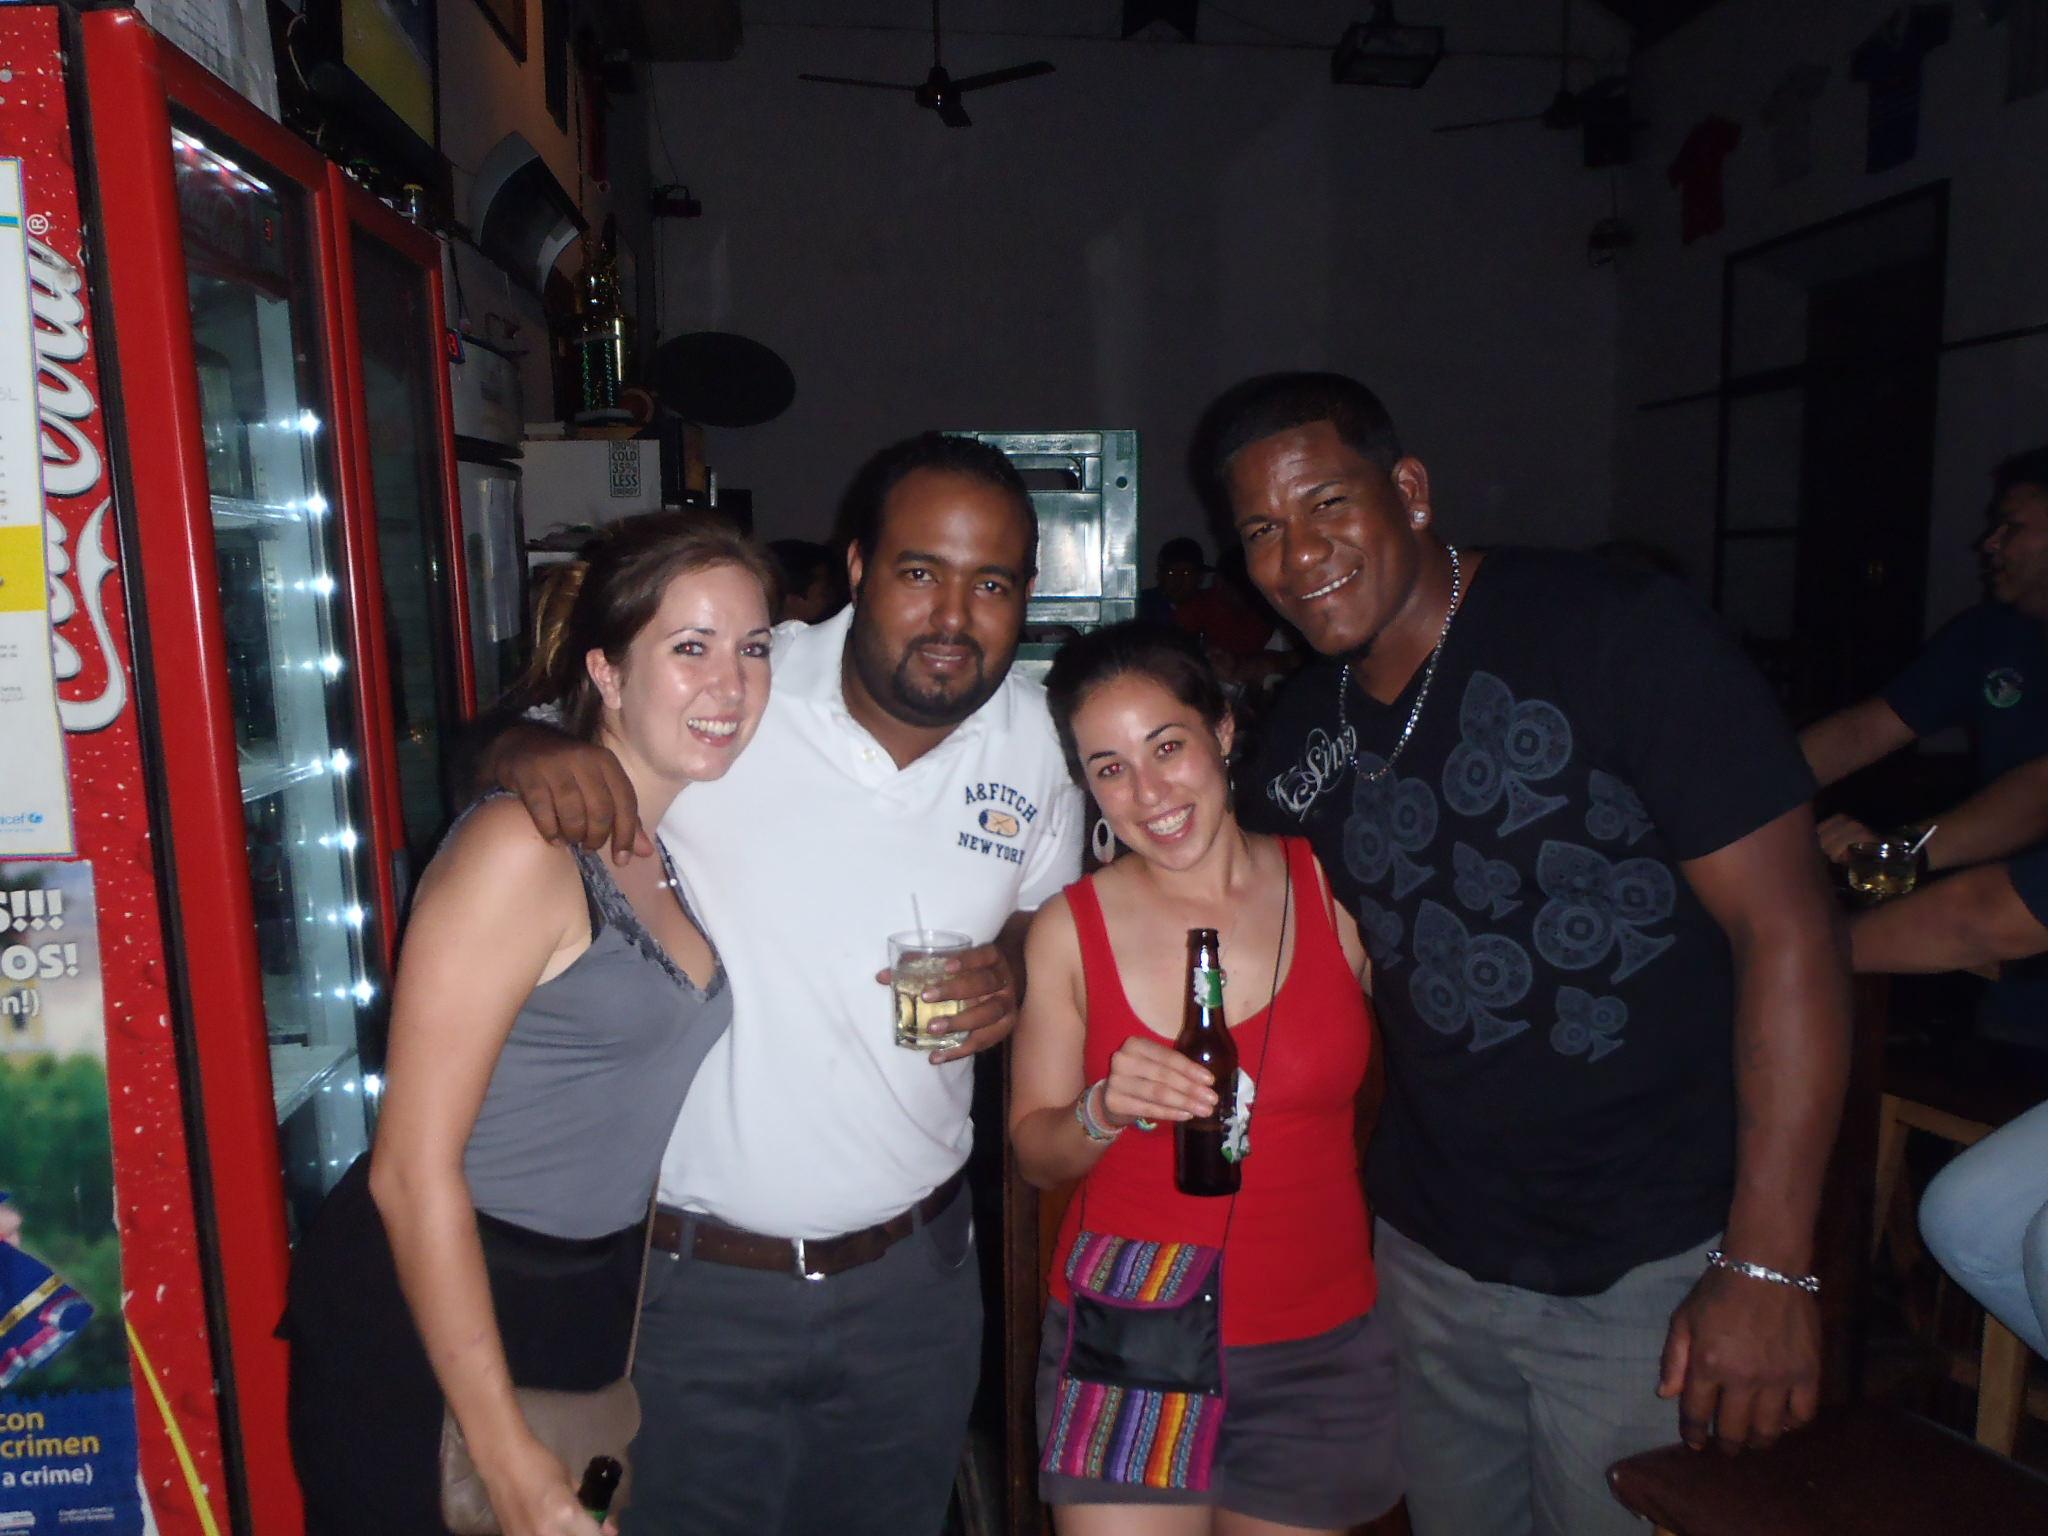 At Kellys bar